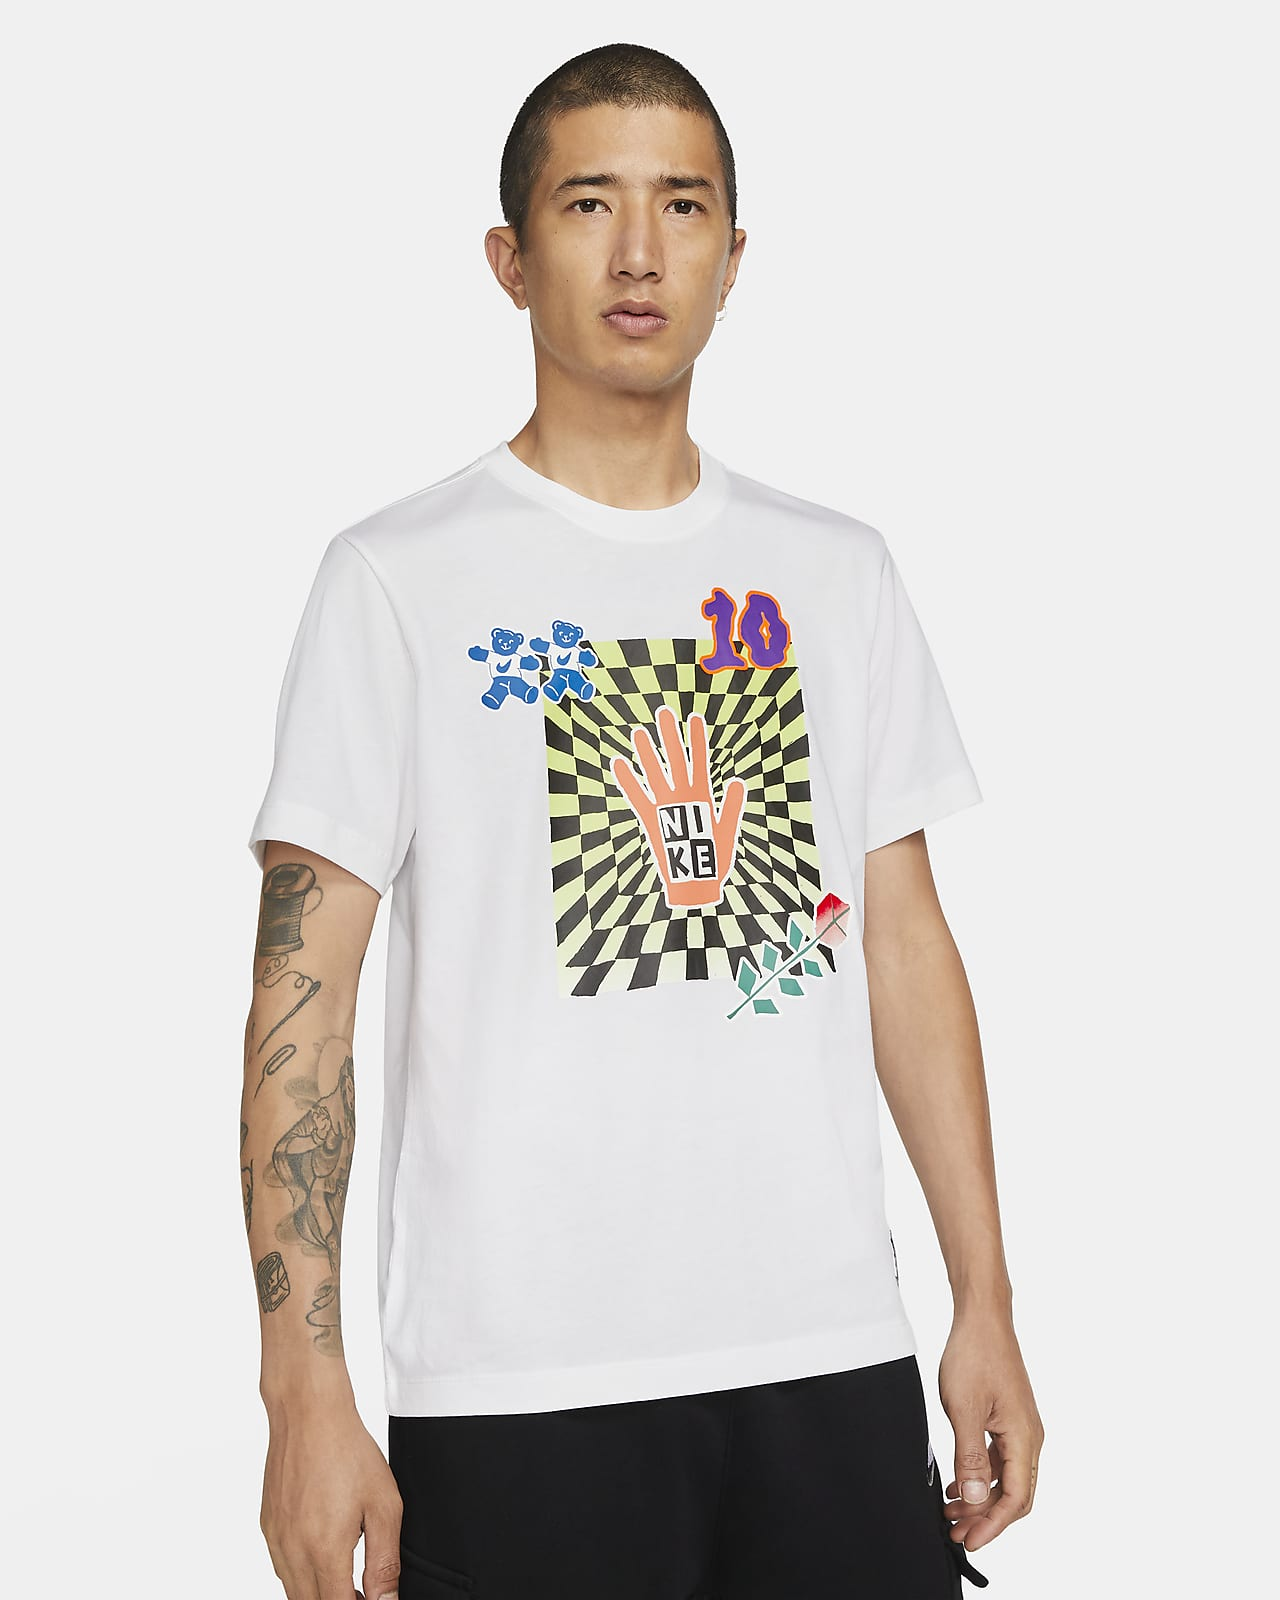 ナイキ スポーツウェア A.I.R.マシン メンズ Tシャツ